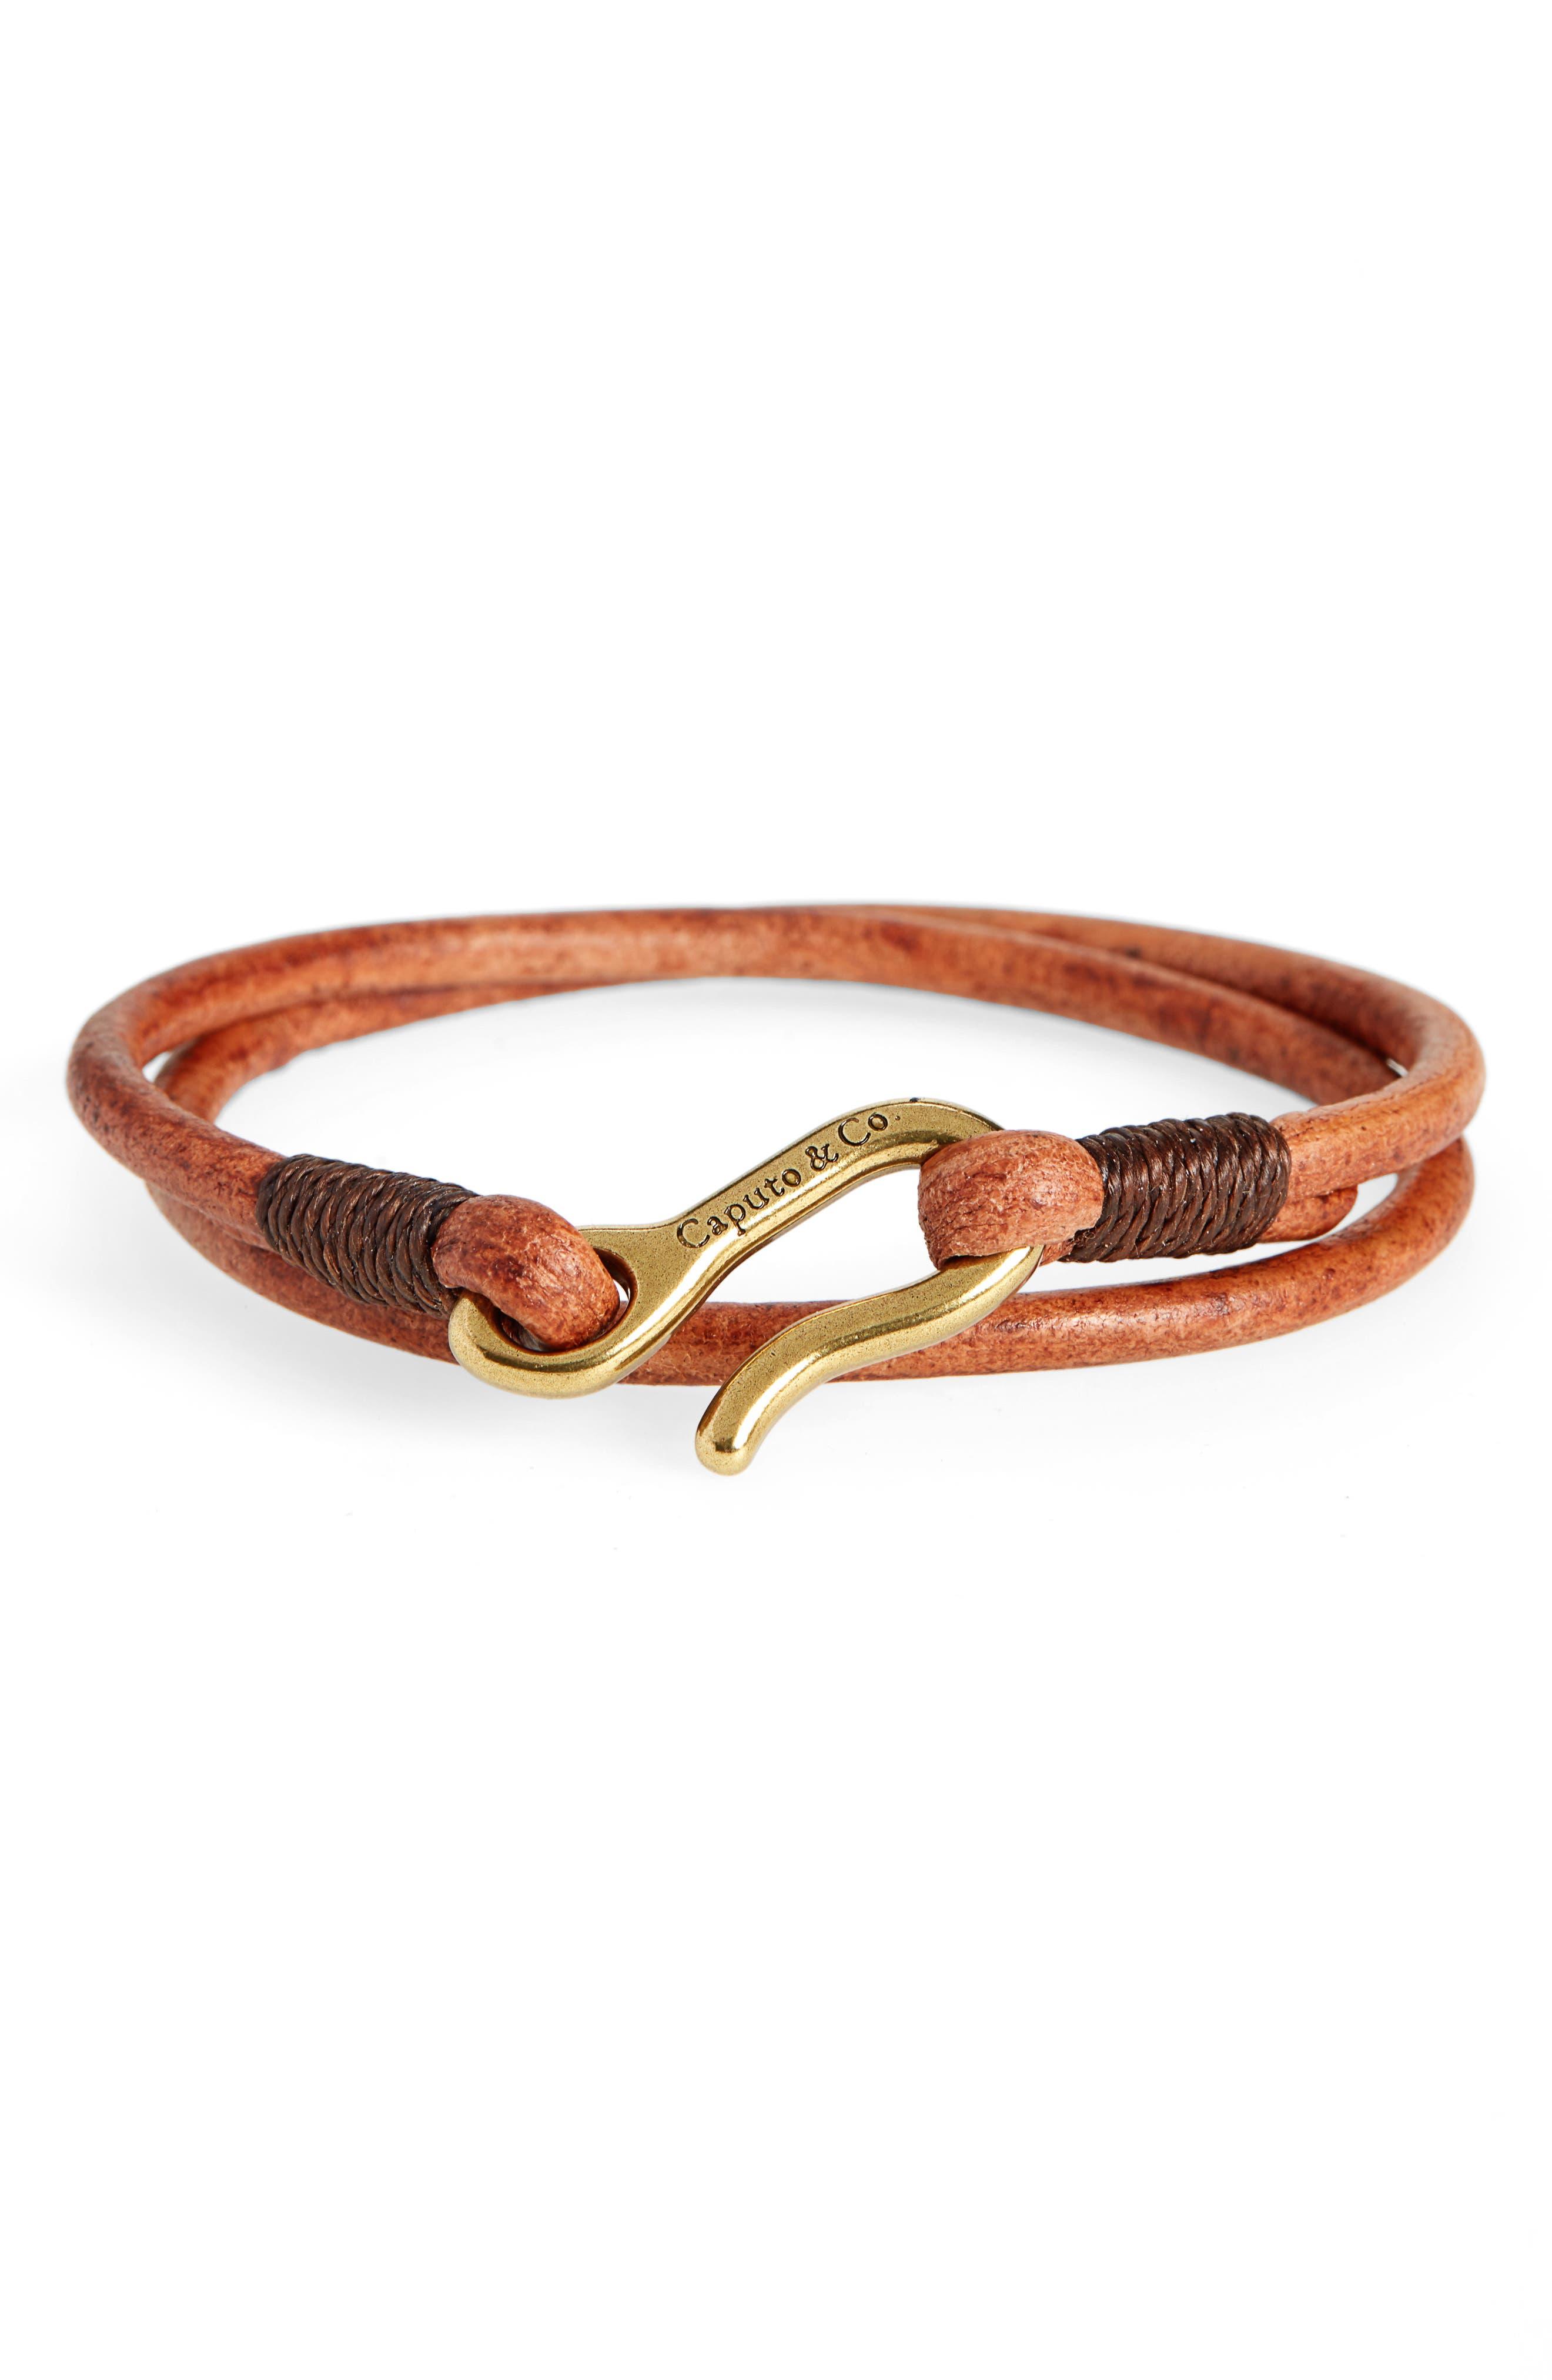 CAPUTO & CO. Leather Wrap Bracelet in Tan